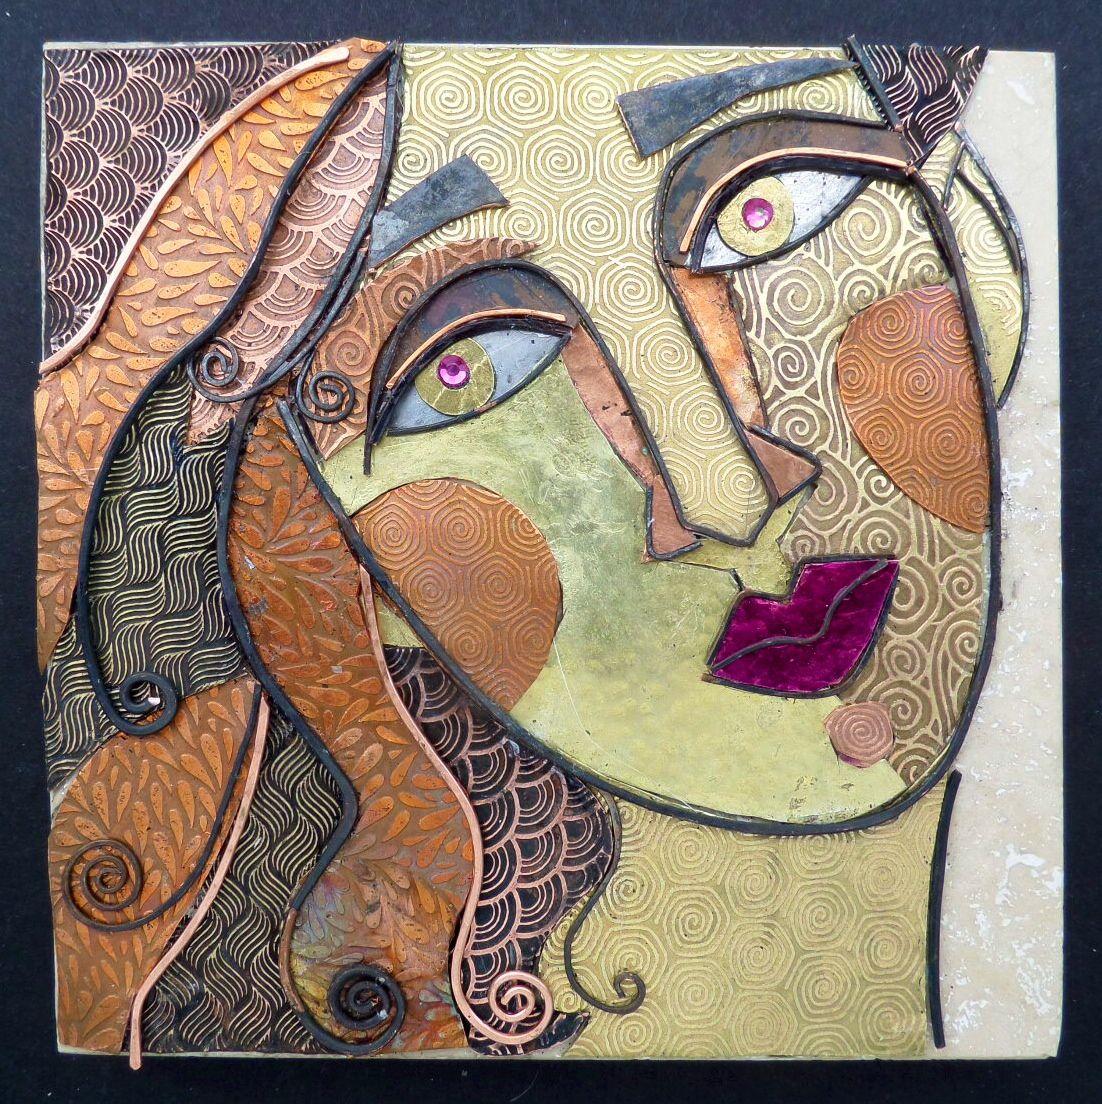 Susan Corry Designs